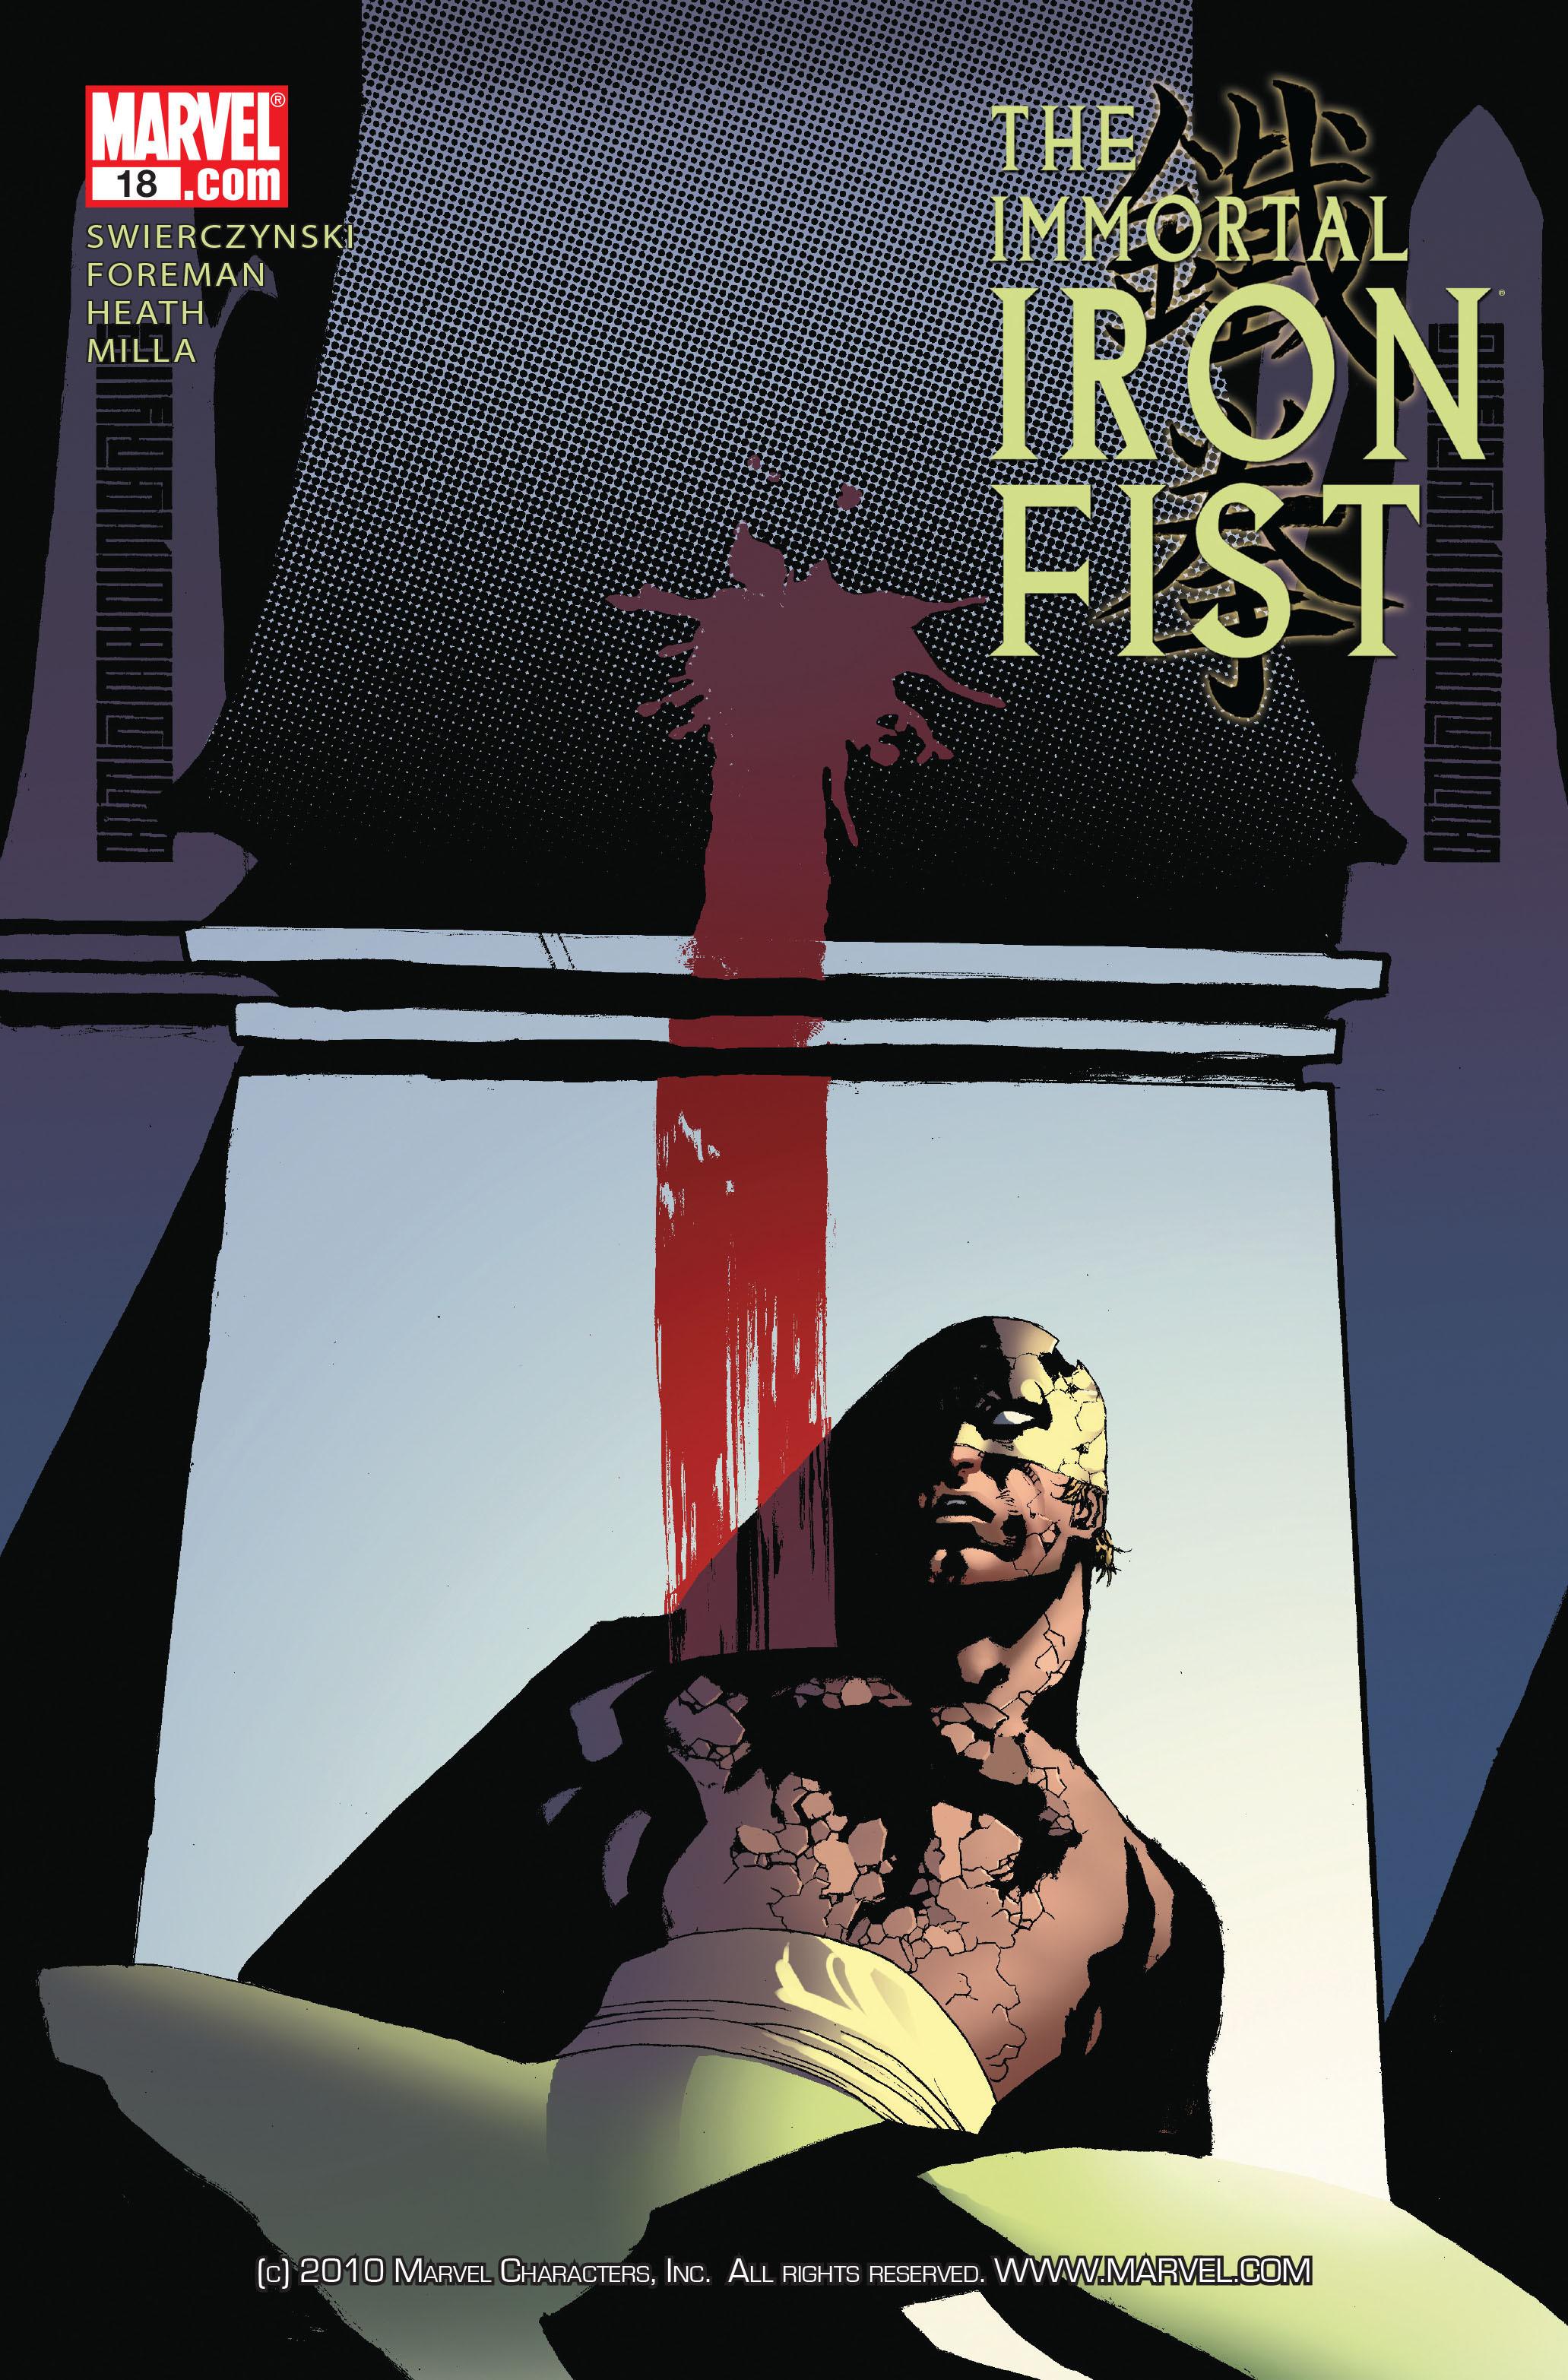 5 fist immortal iron